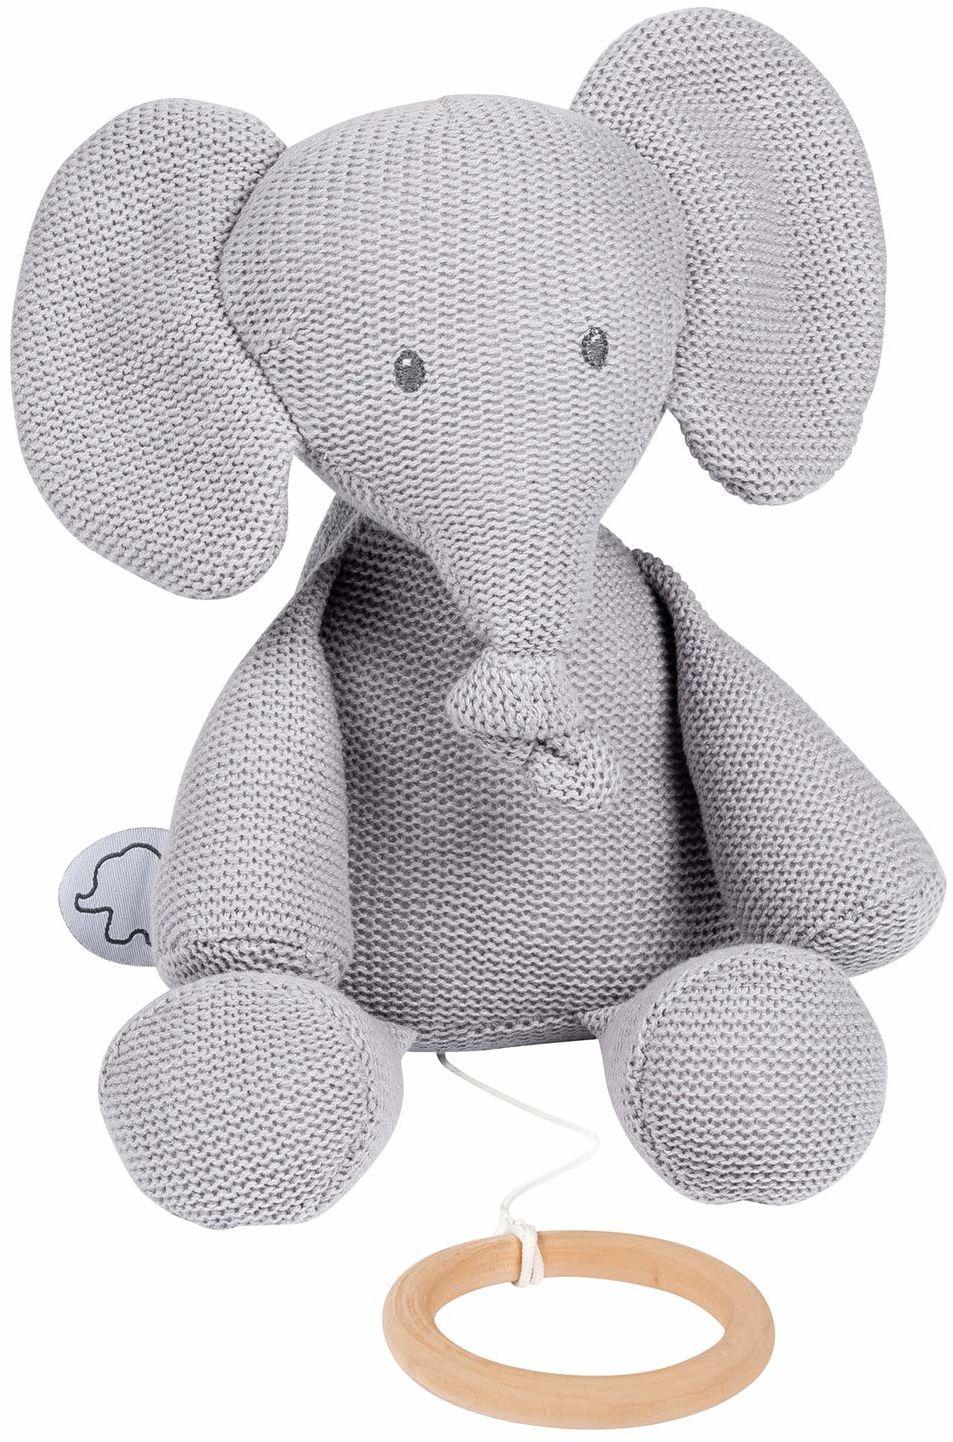 Nattou 929028 Tembo Cotton Knitted Elephant Musical Soft Toy pozytywka, szara (dzianina), 28 cm